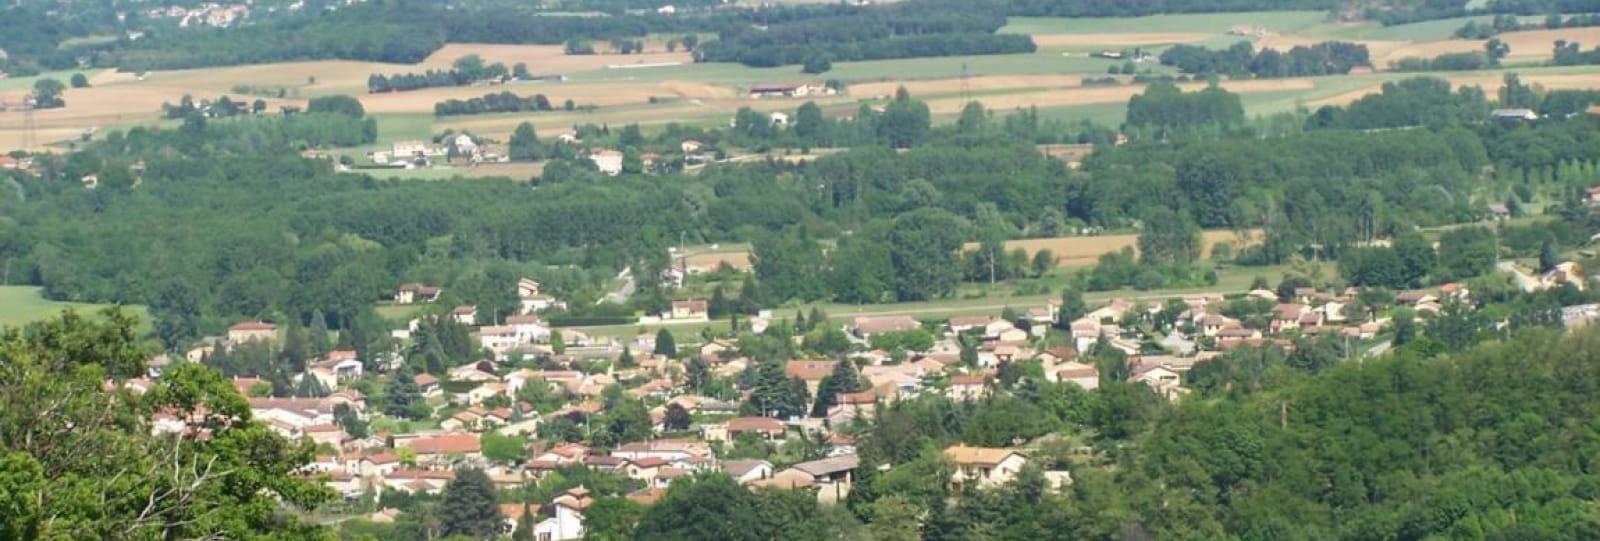 Village de St Barthélémy de Vals